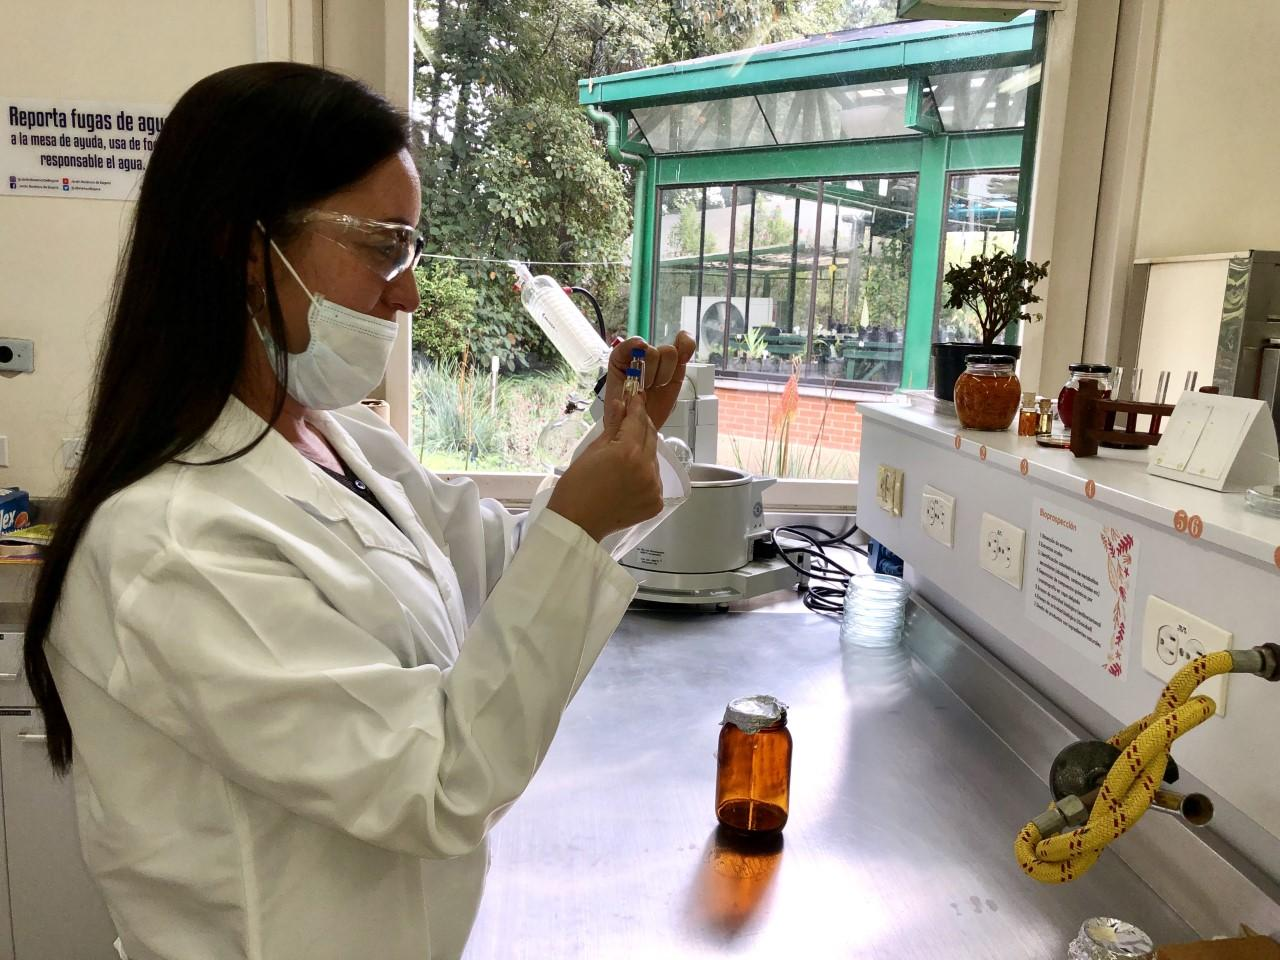 Imagen de una analista haciendo practicas en el laboratorio